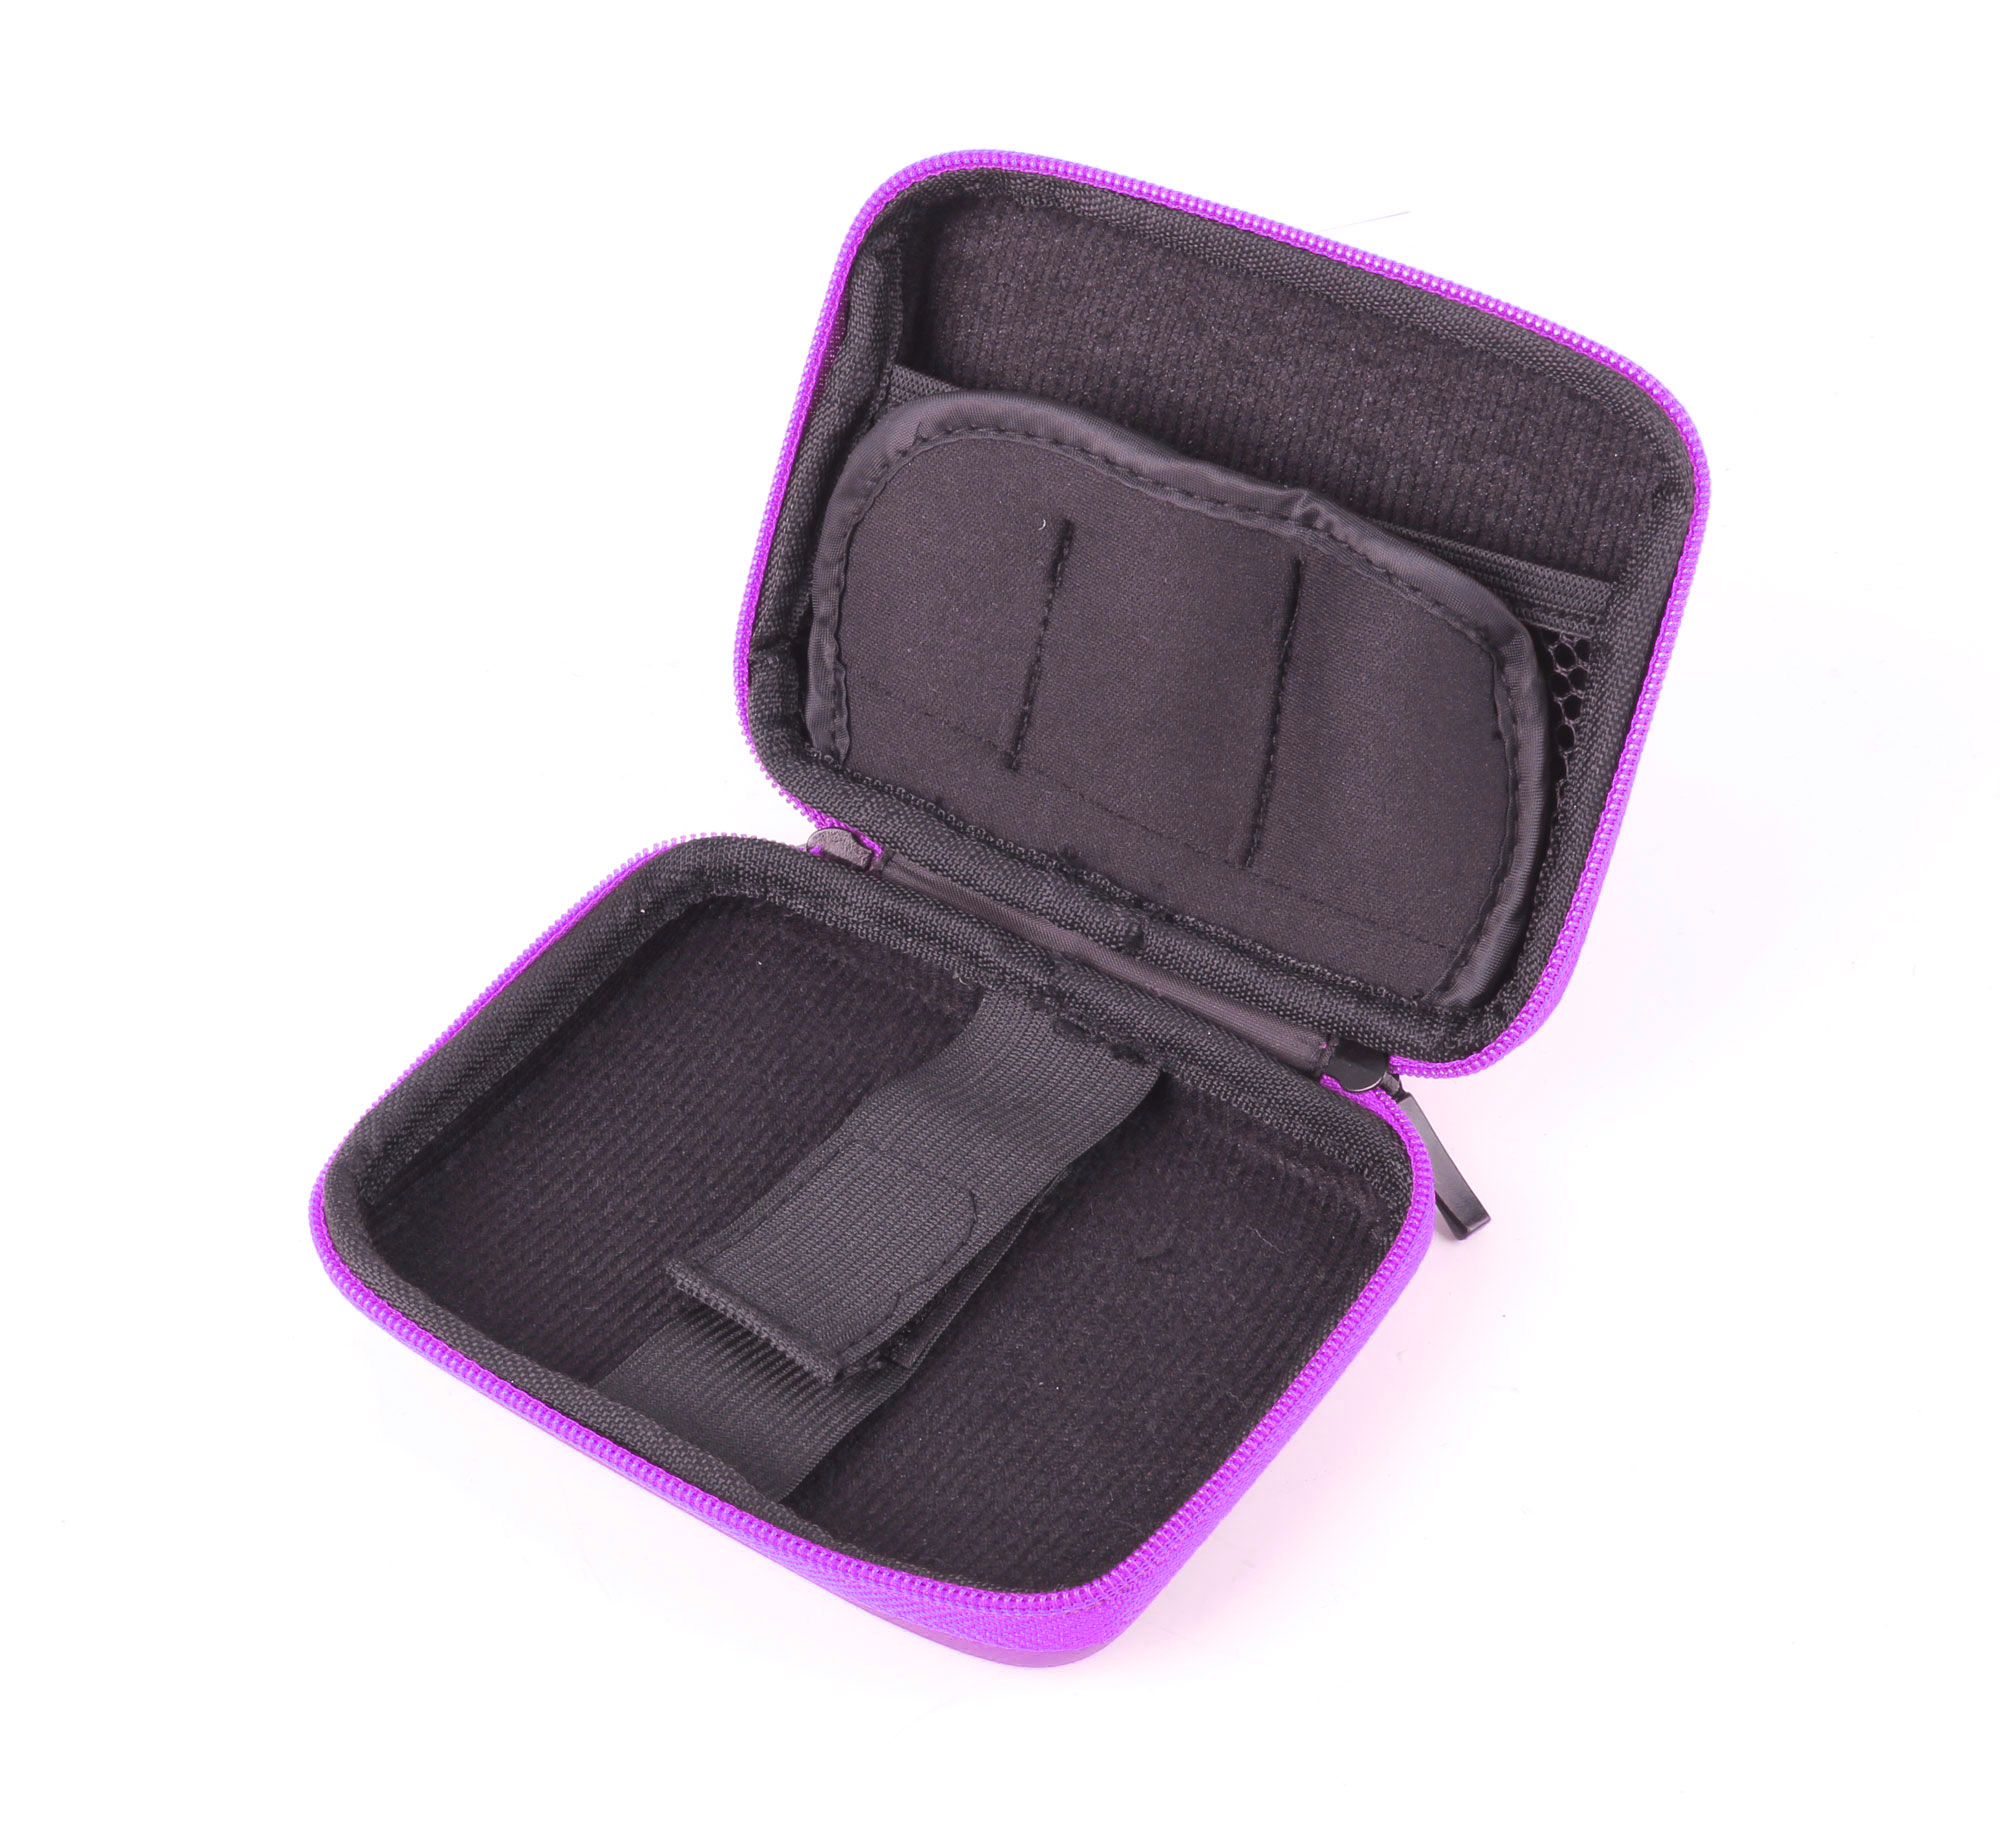 Housse coque tui violet pour disque dur externe toshiba for Housse pour disque dur externe